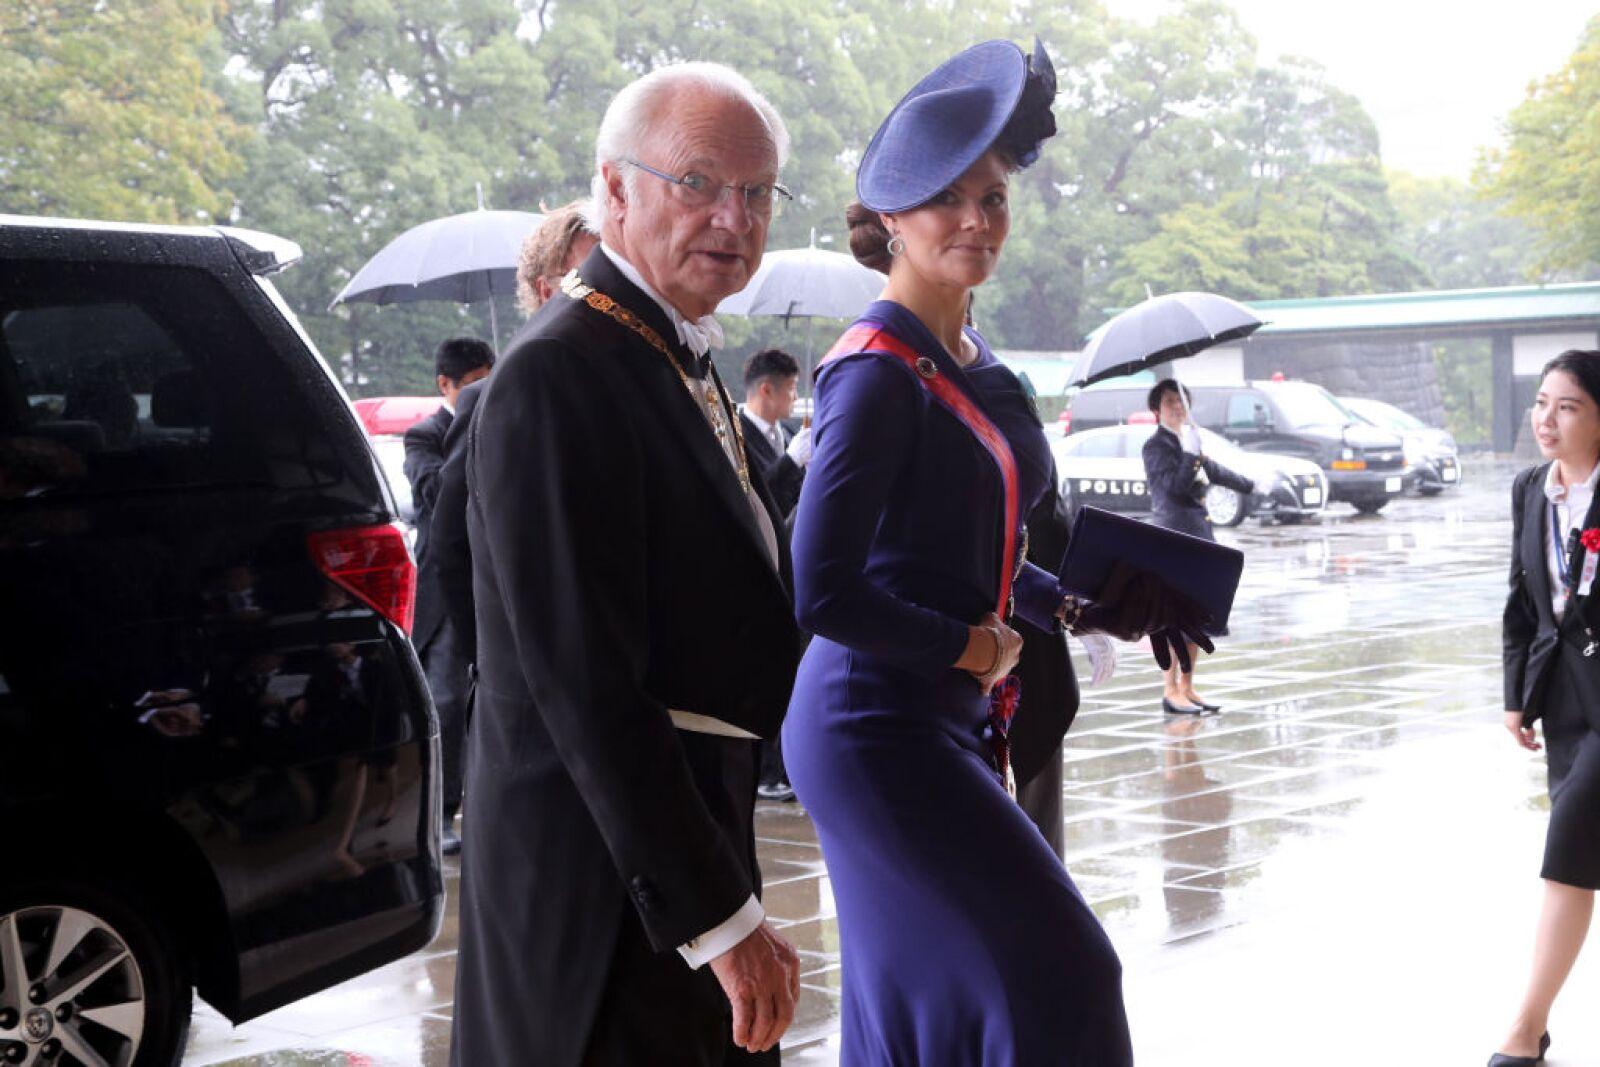 Rey de Suecia Carlos Gudtavo XVI y la princesa heredera Victoria